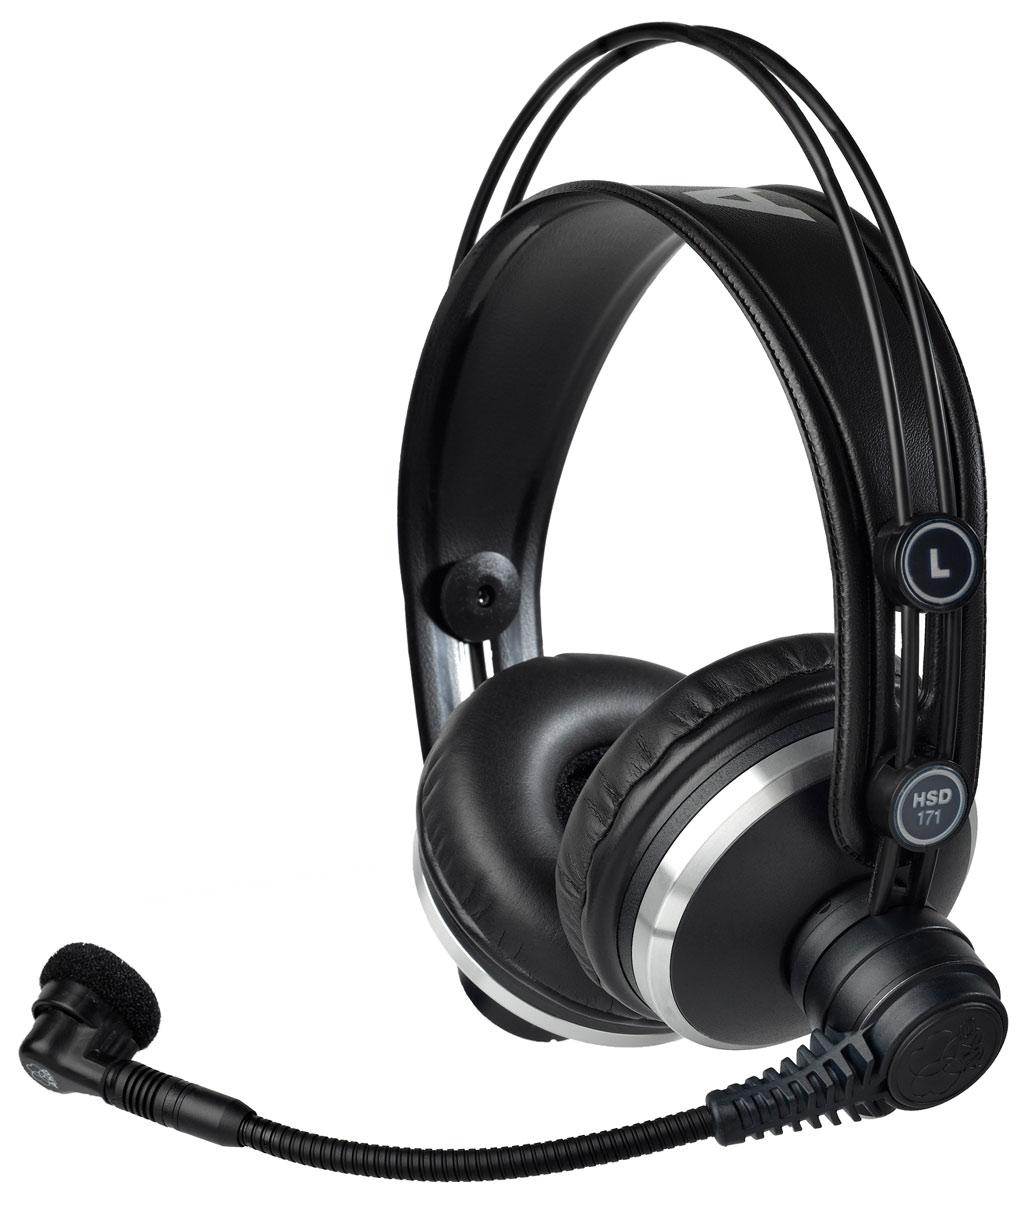 Powieksz do pelnego rozmiaru AKG HSD 171, AKG HSD171, AKG HSD-171, słuchawki hi-fi, słuchawki profesjonalne, słuchawki studyjne, słuchawki realizatorskie, słuchawki z pałąkiem, słuchawki nagłowne, słuchawki nauszne, słuchawki zamknięte, słuchawki multimedialne, słuchawki z mikrofonem, zestaw z mikrofonem, słuchawki z kablem jednostronnym, słuchawki z kablem wymiennym, słuchawki z odłączanym przewodem